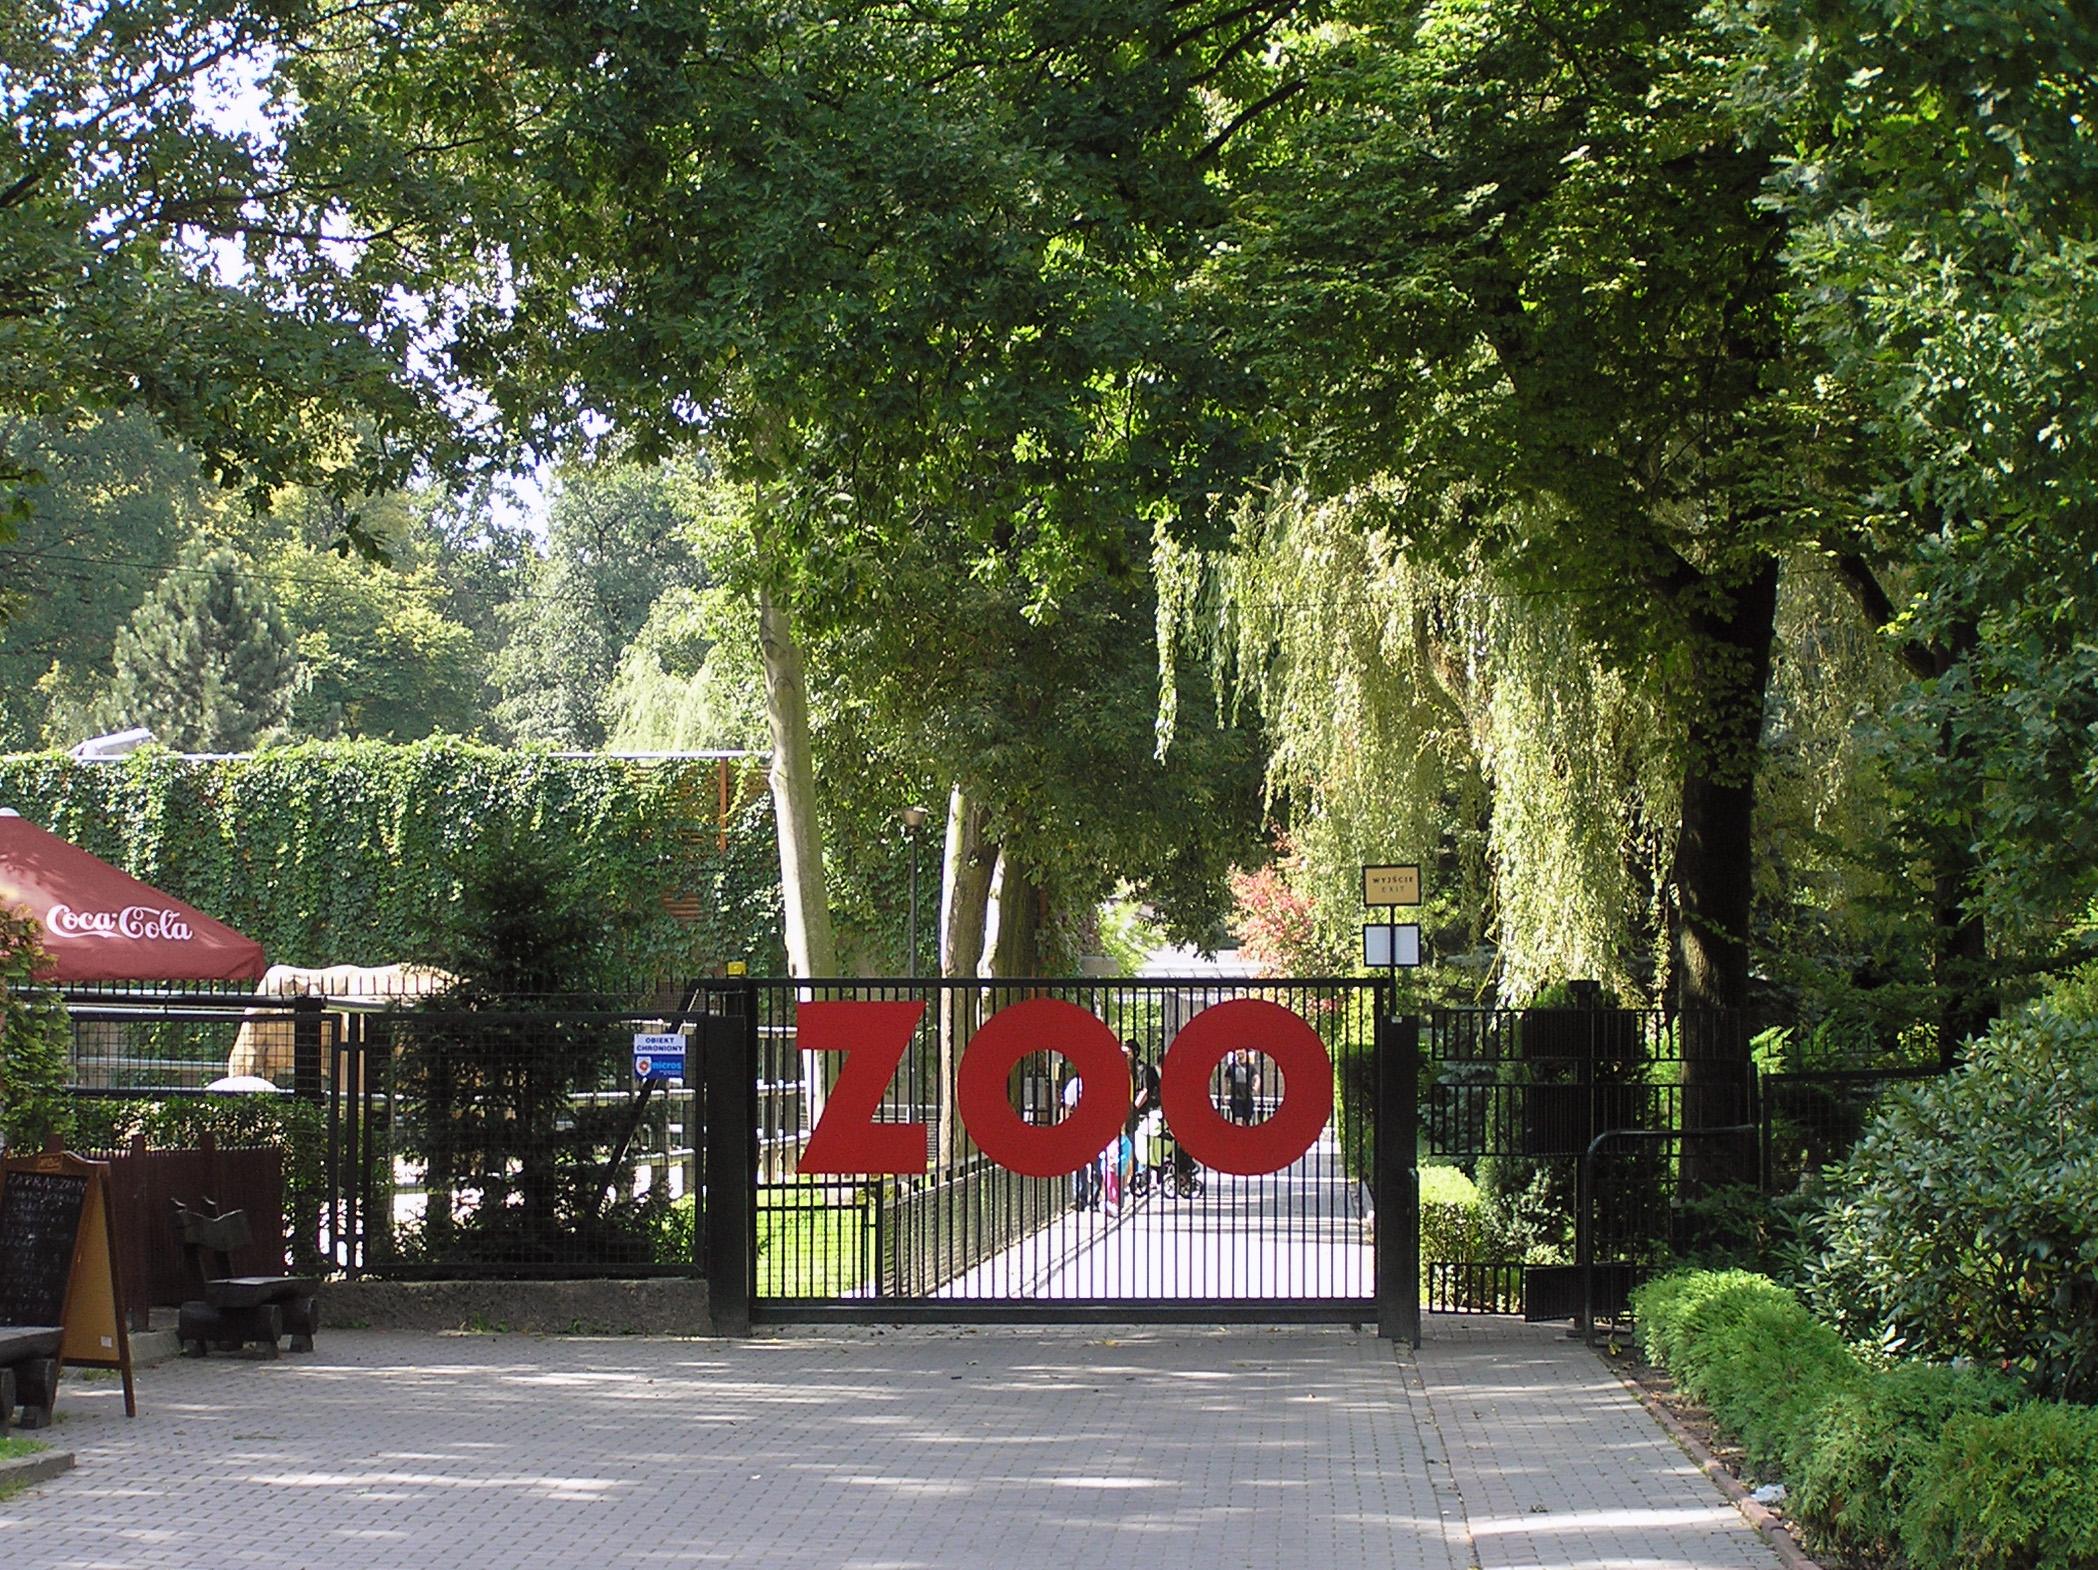 Ogrod Zoologiczny W Krakowie Wikipedia Wolna Encyklopedia